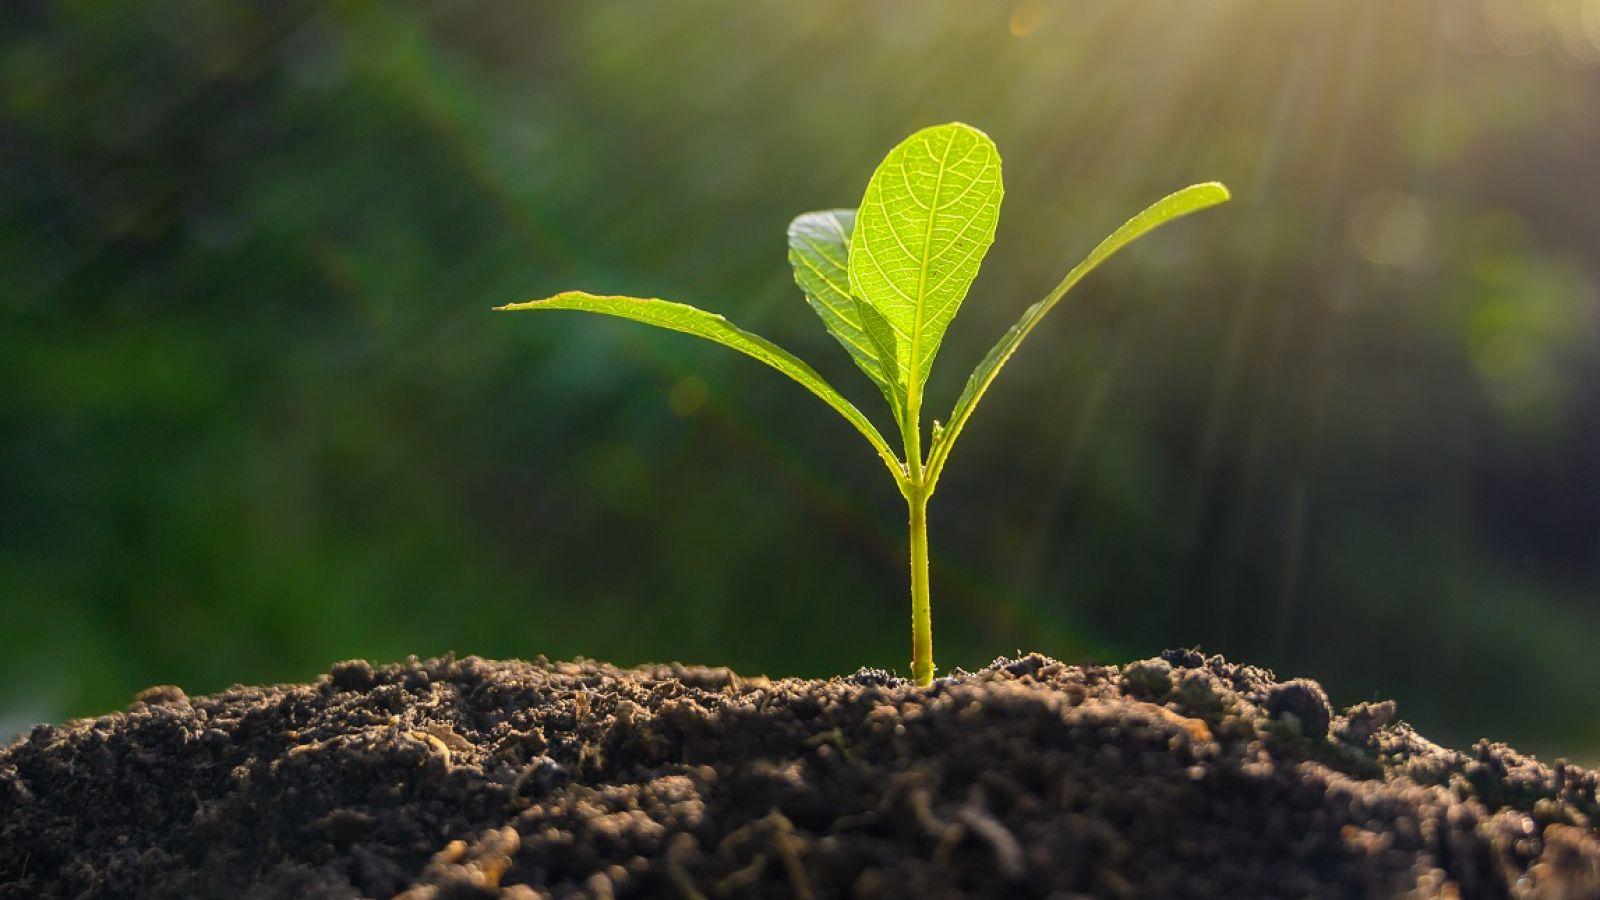 new seedling emerging from soil